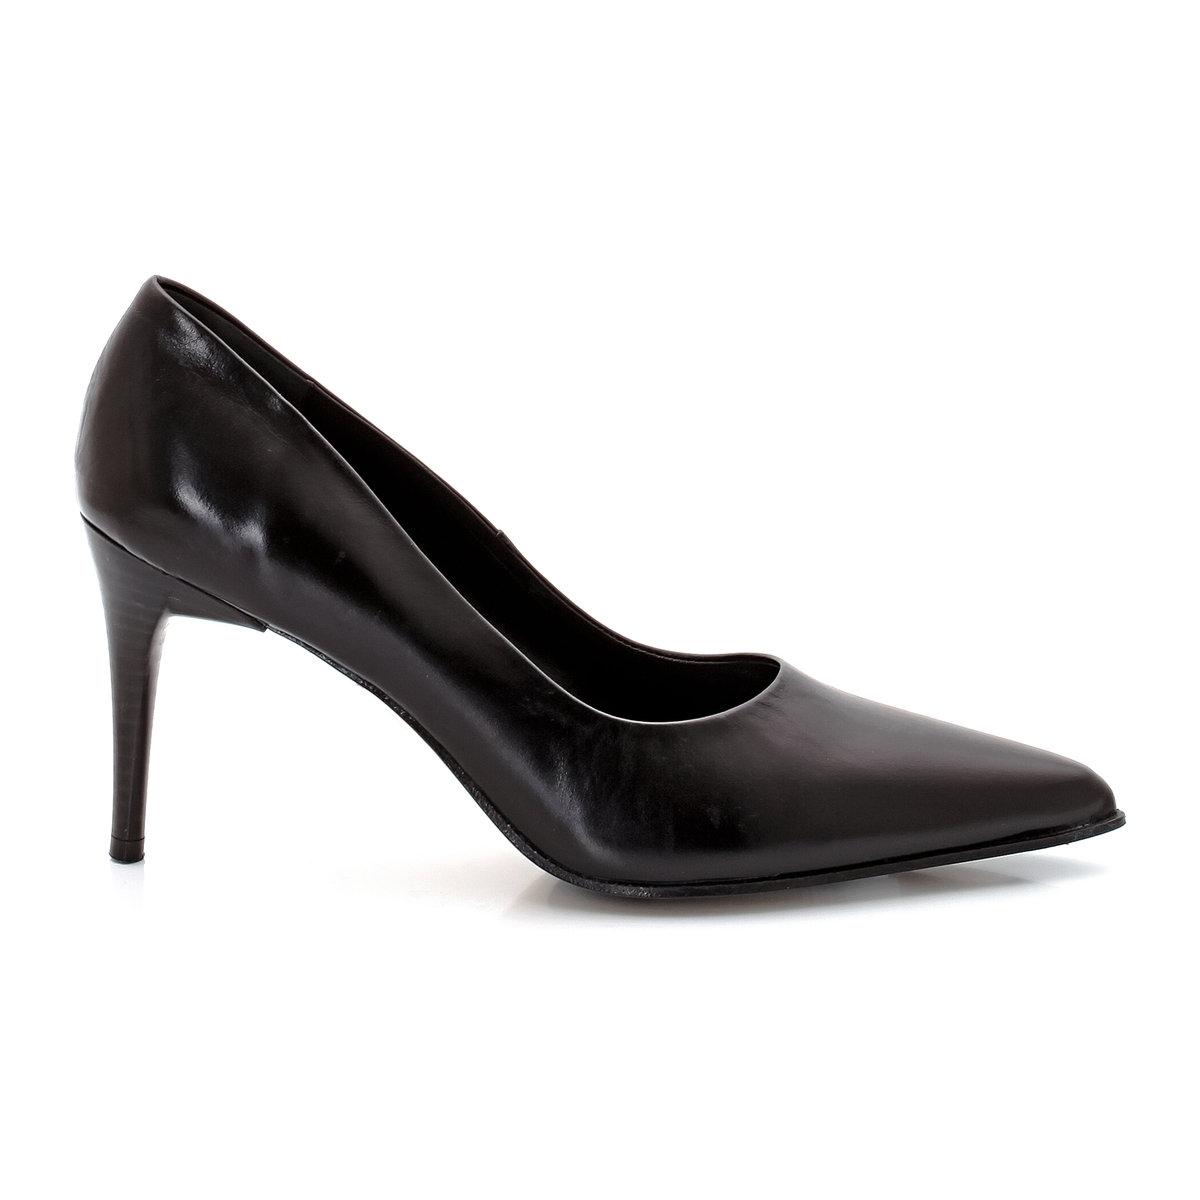 цены на Туфли из замши LESTON d'ELIZABETH STUART в интернет-магазинах